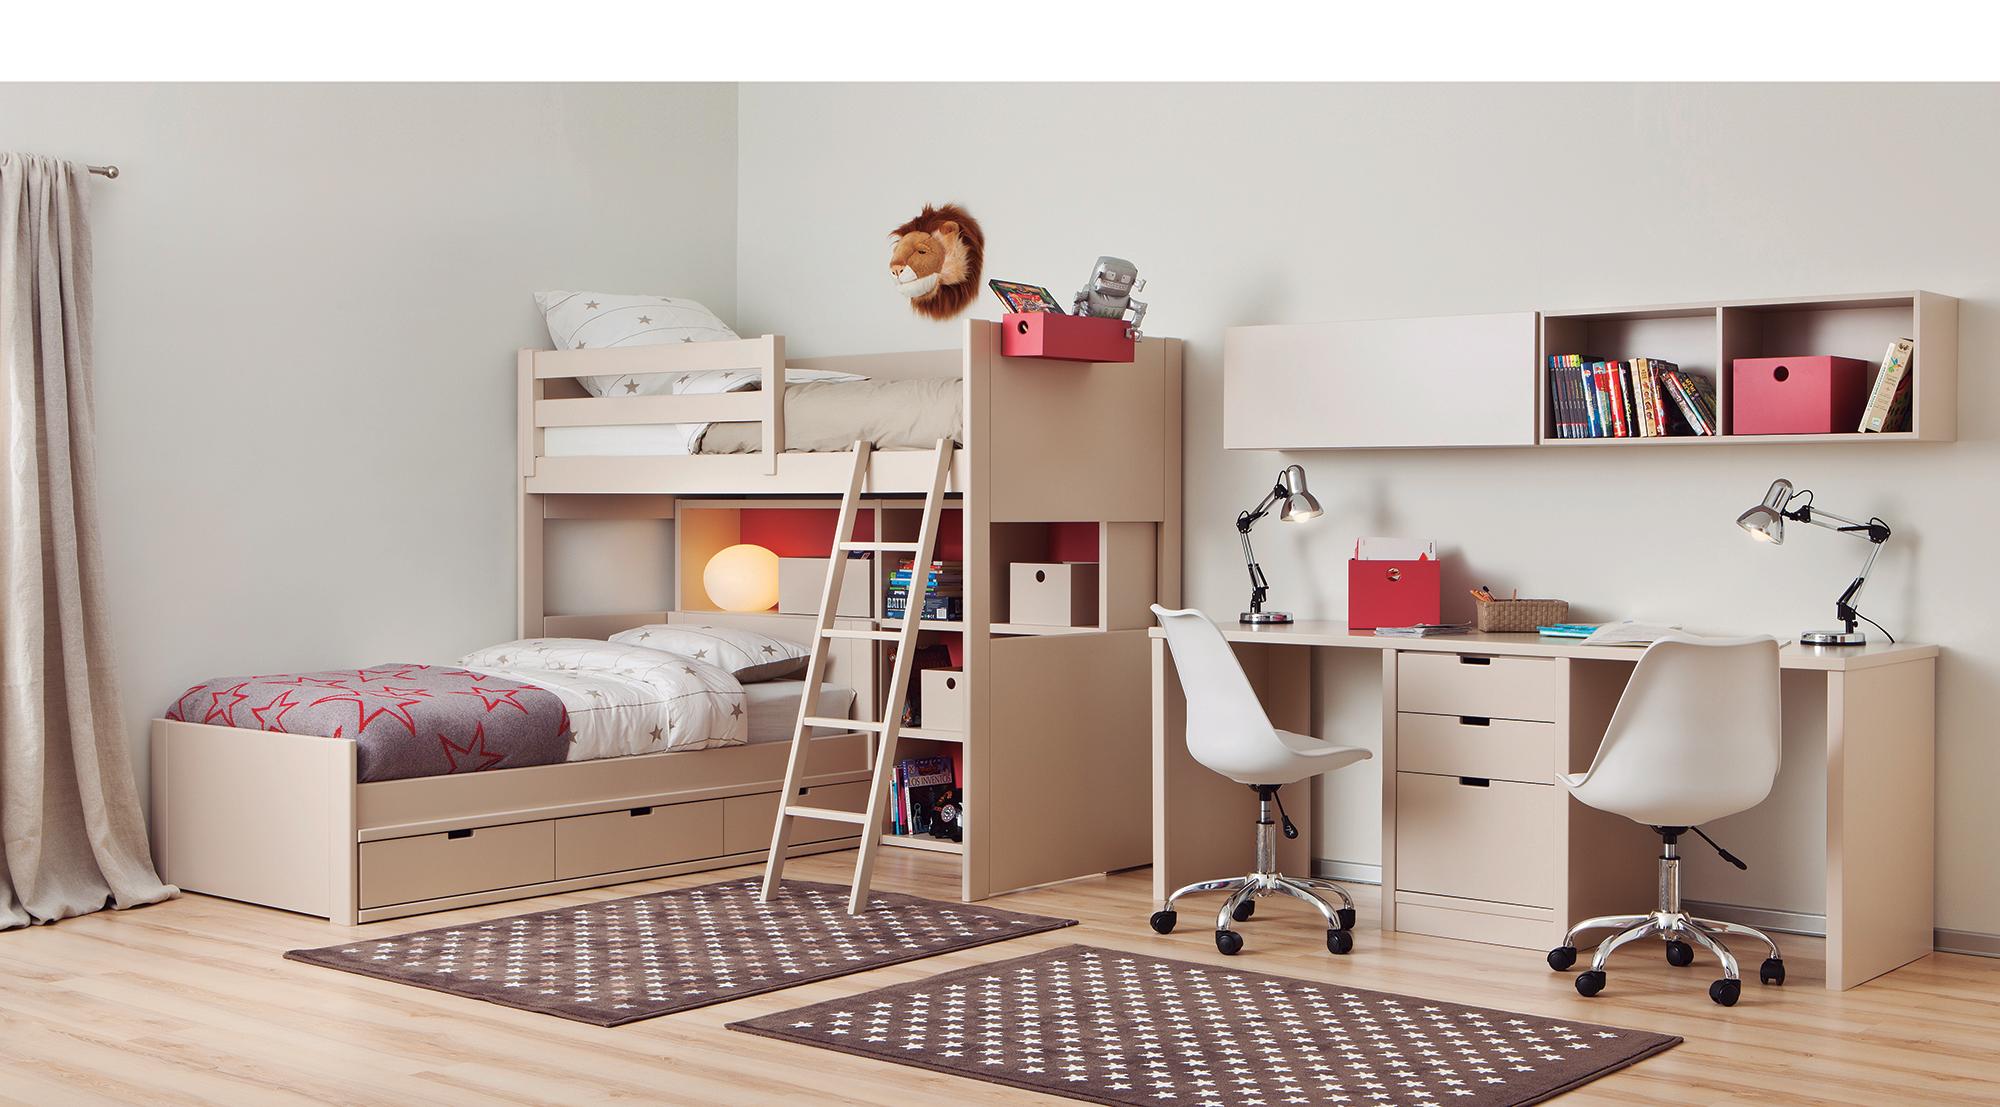 vous avez besoin dun bureau double pour la chambre de vos enfants voici diffrentes pistes pour vous aider trouver lamnagement idal - Chambre Double Fille